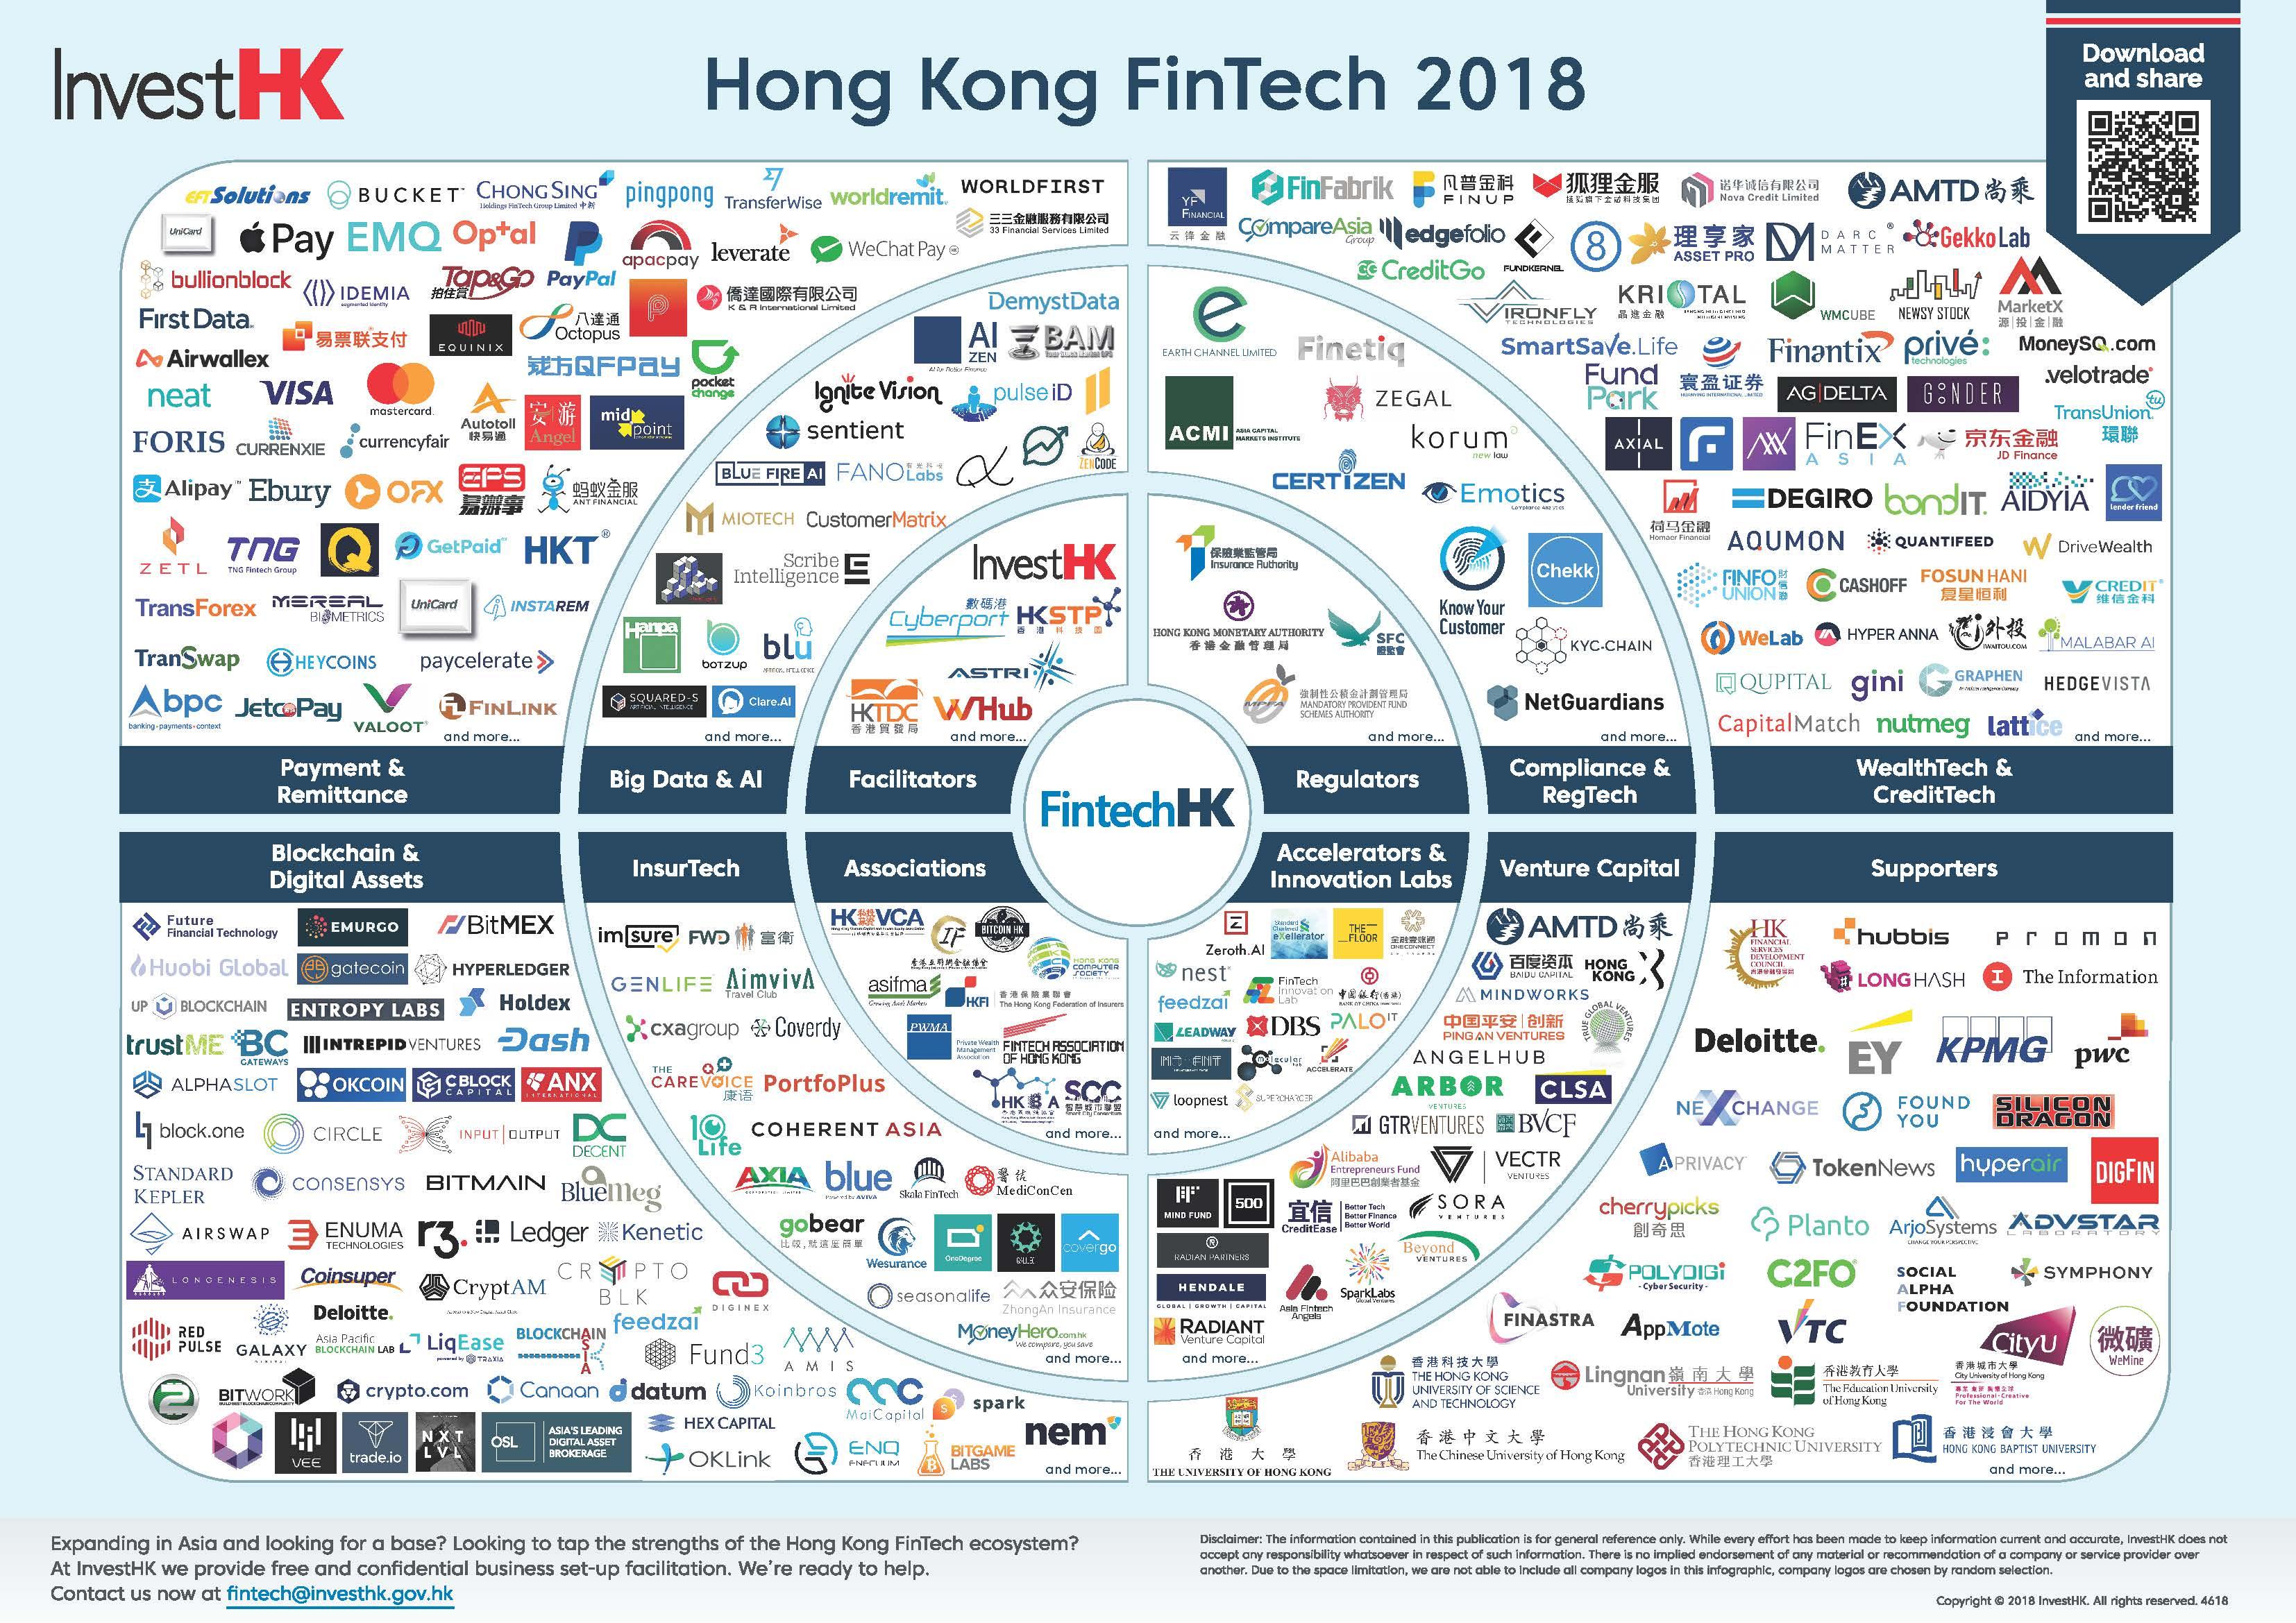 Fintech in Hong Kong Penser Consulting